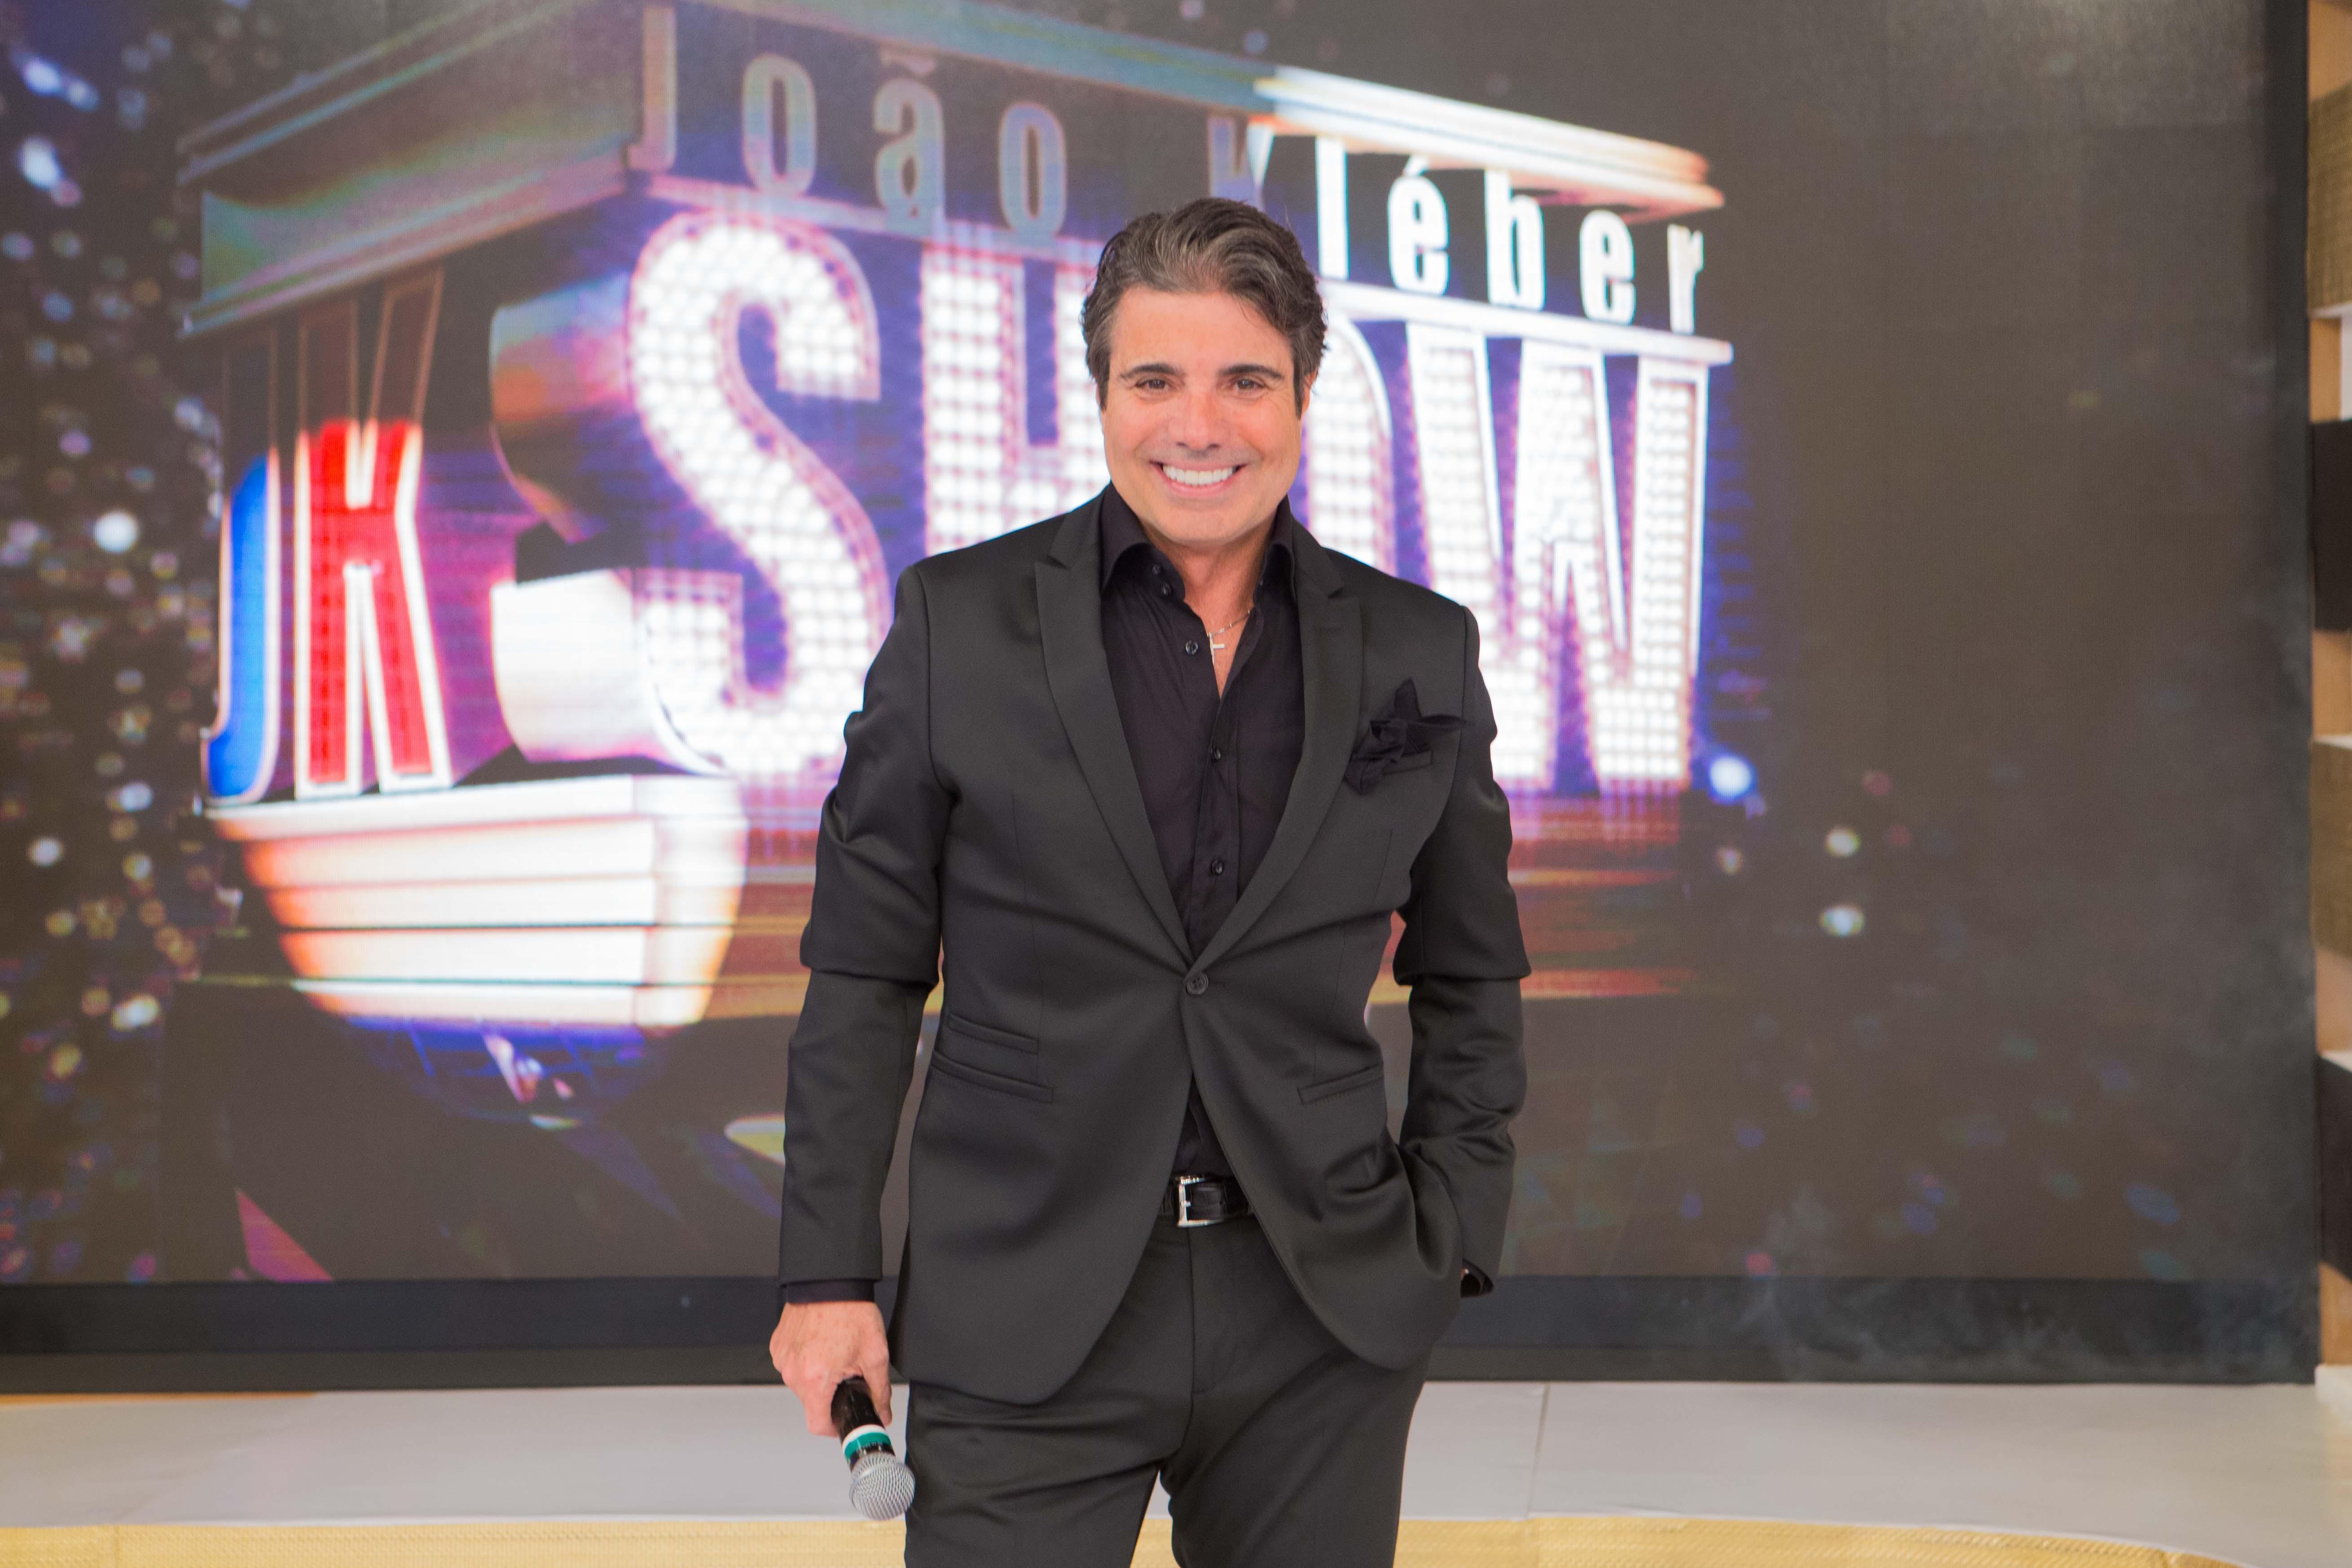 João Kleber estreia programa com jurados e brincadeiras nas noites de domingo (Fotos: Artur Igrecias/RedeTV!)